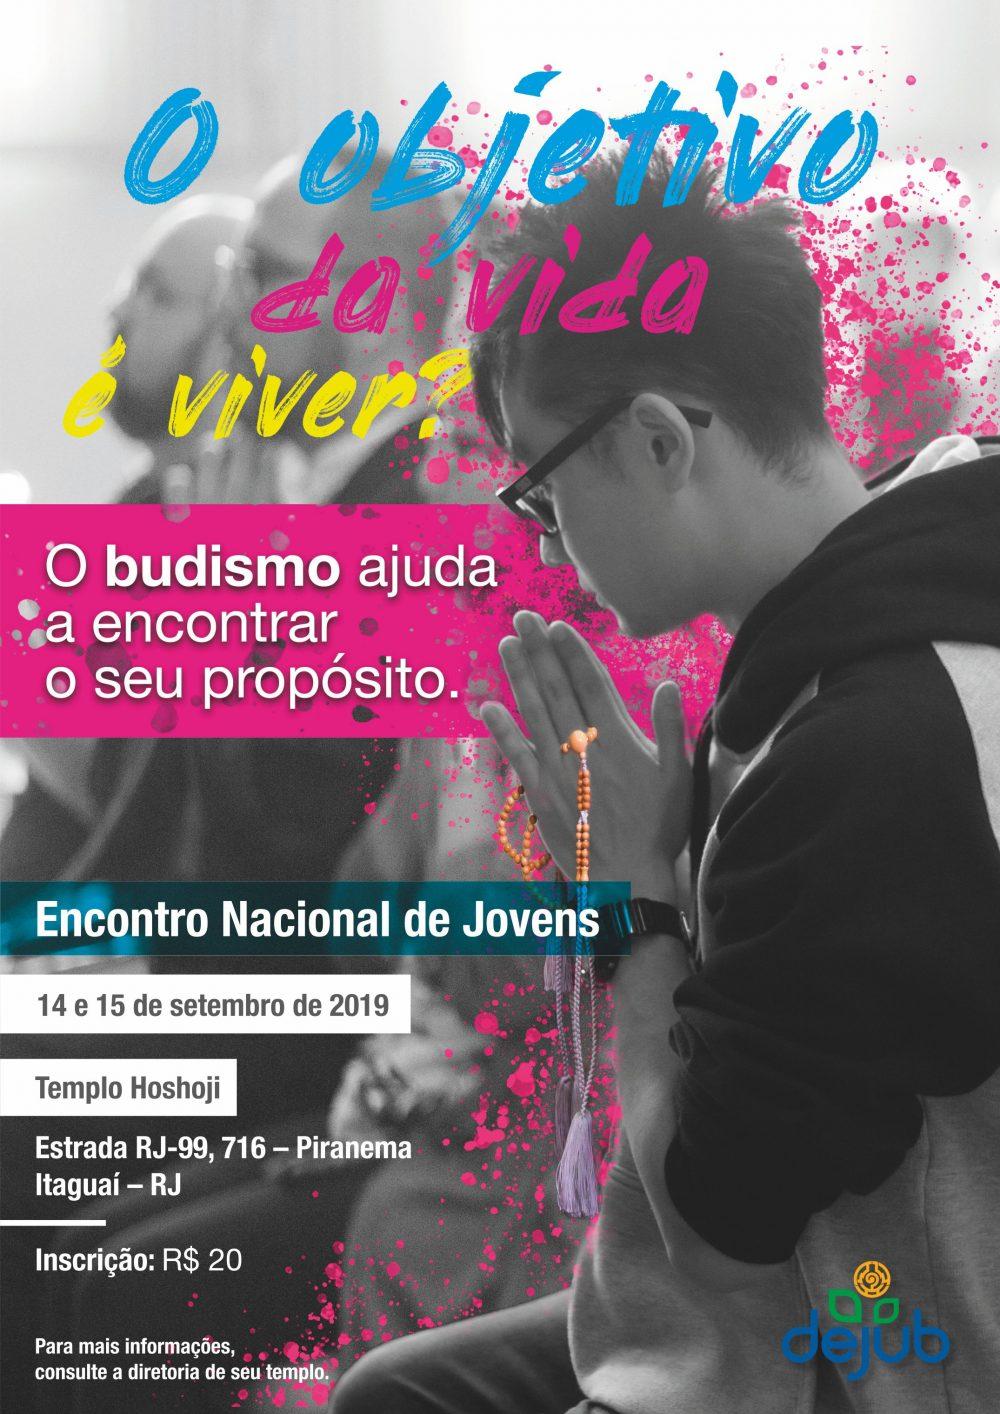 encontro-nacional-dos-jovens-budismo-primordial-2019-hoshoji